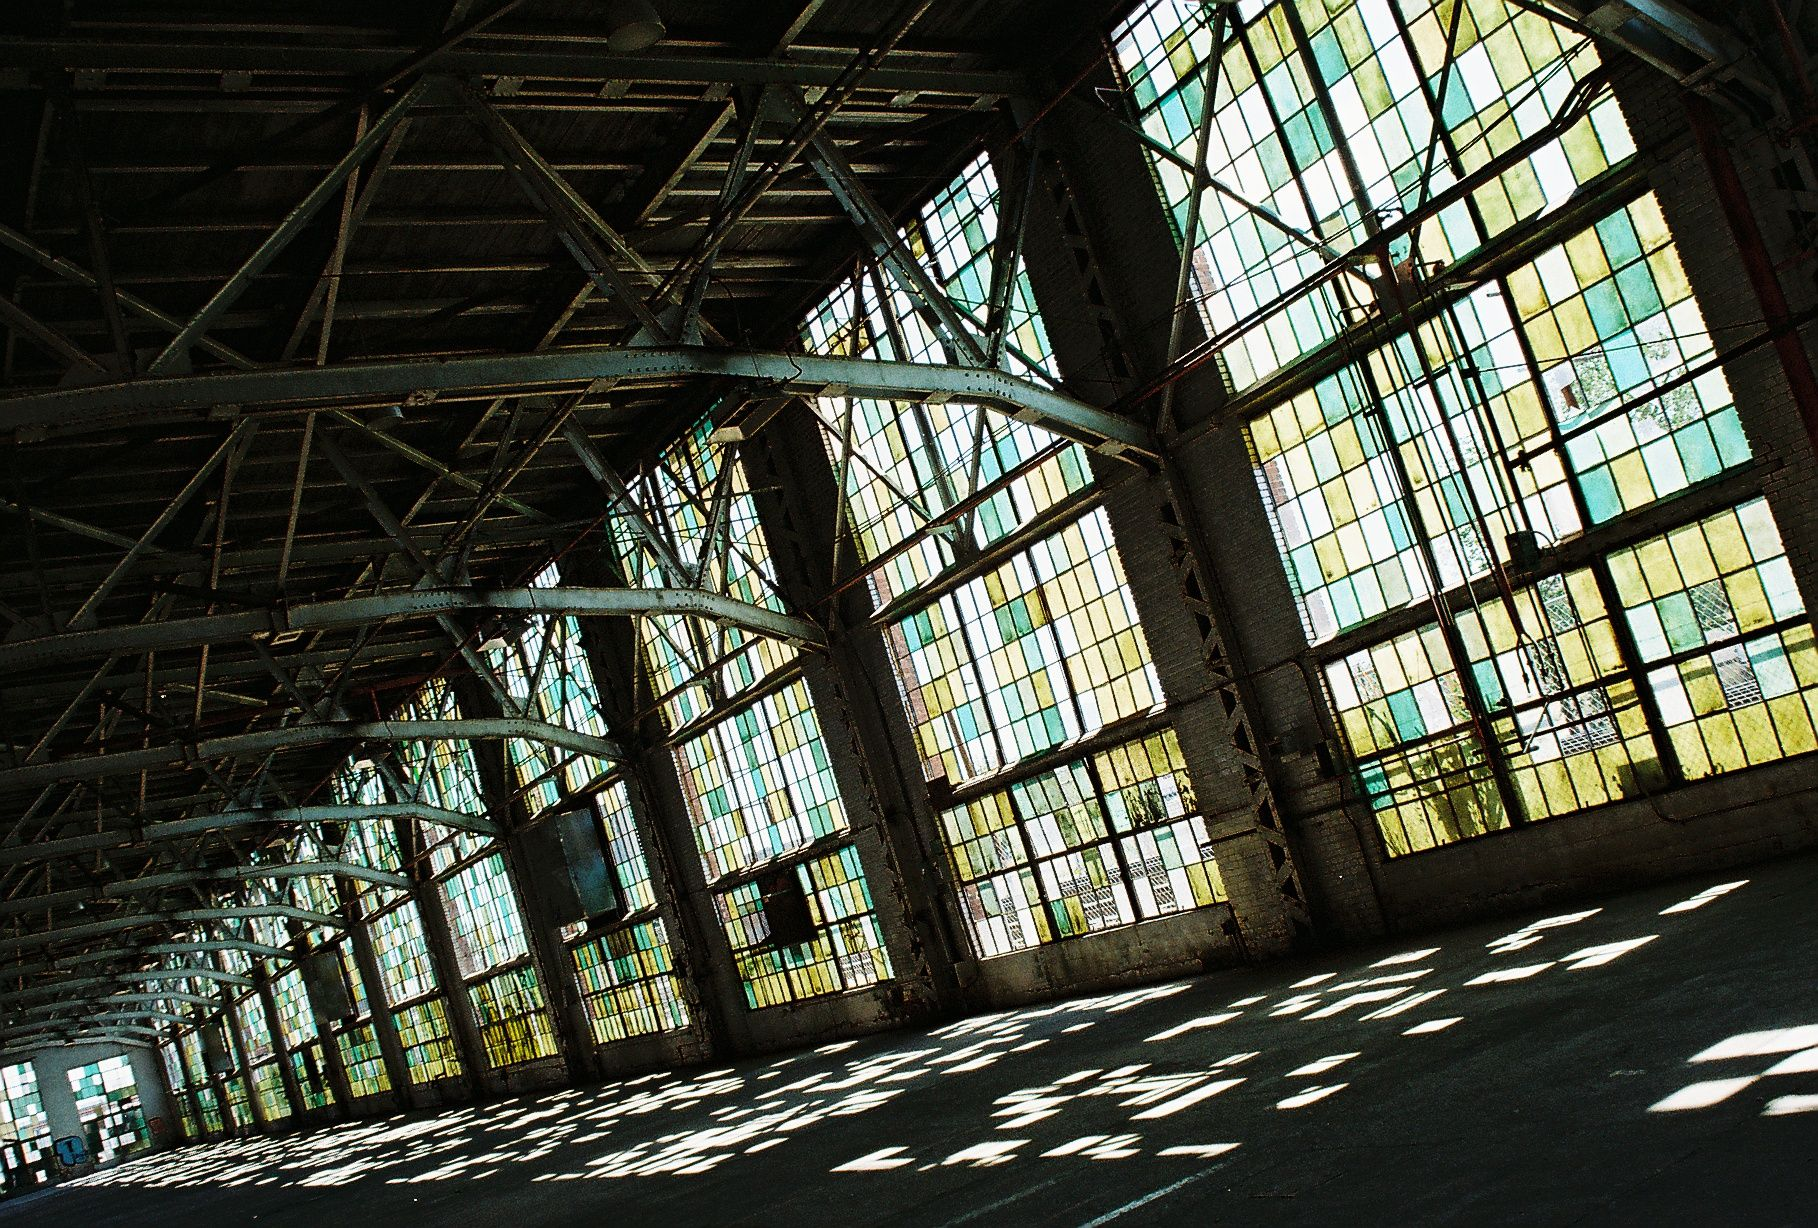 albuquerque railyards | Albuquerques Industrial Cathedral